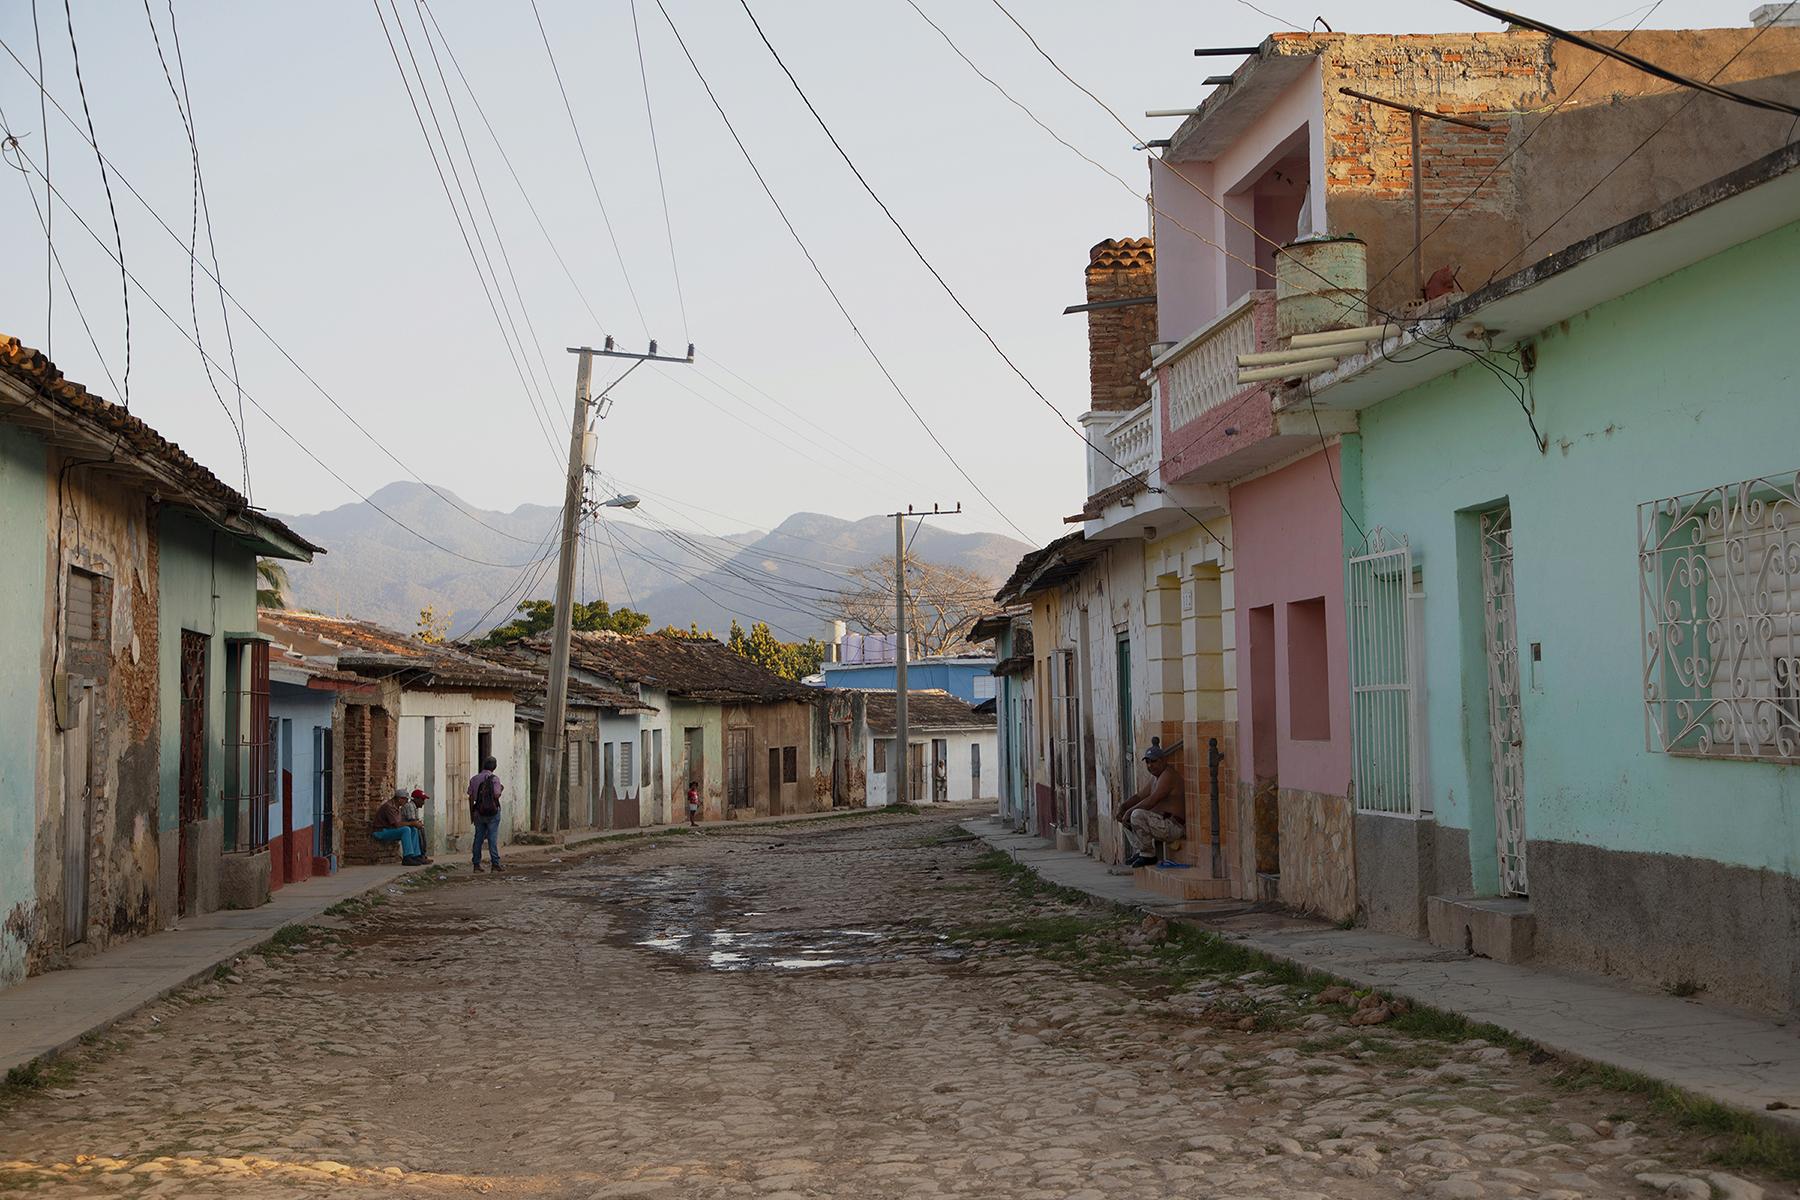 c-Sarah_Hoskins_-cuba_-street